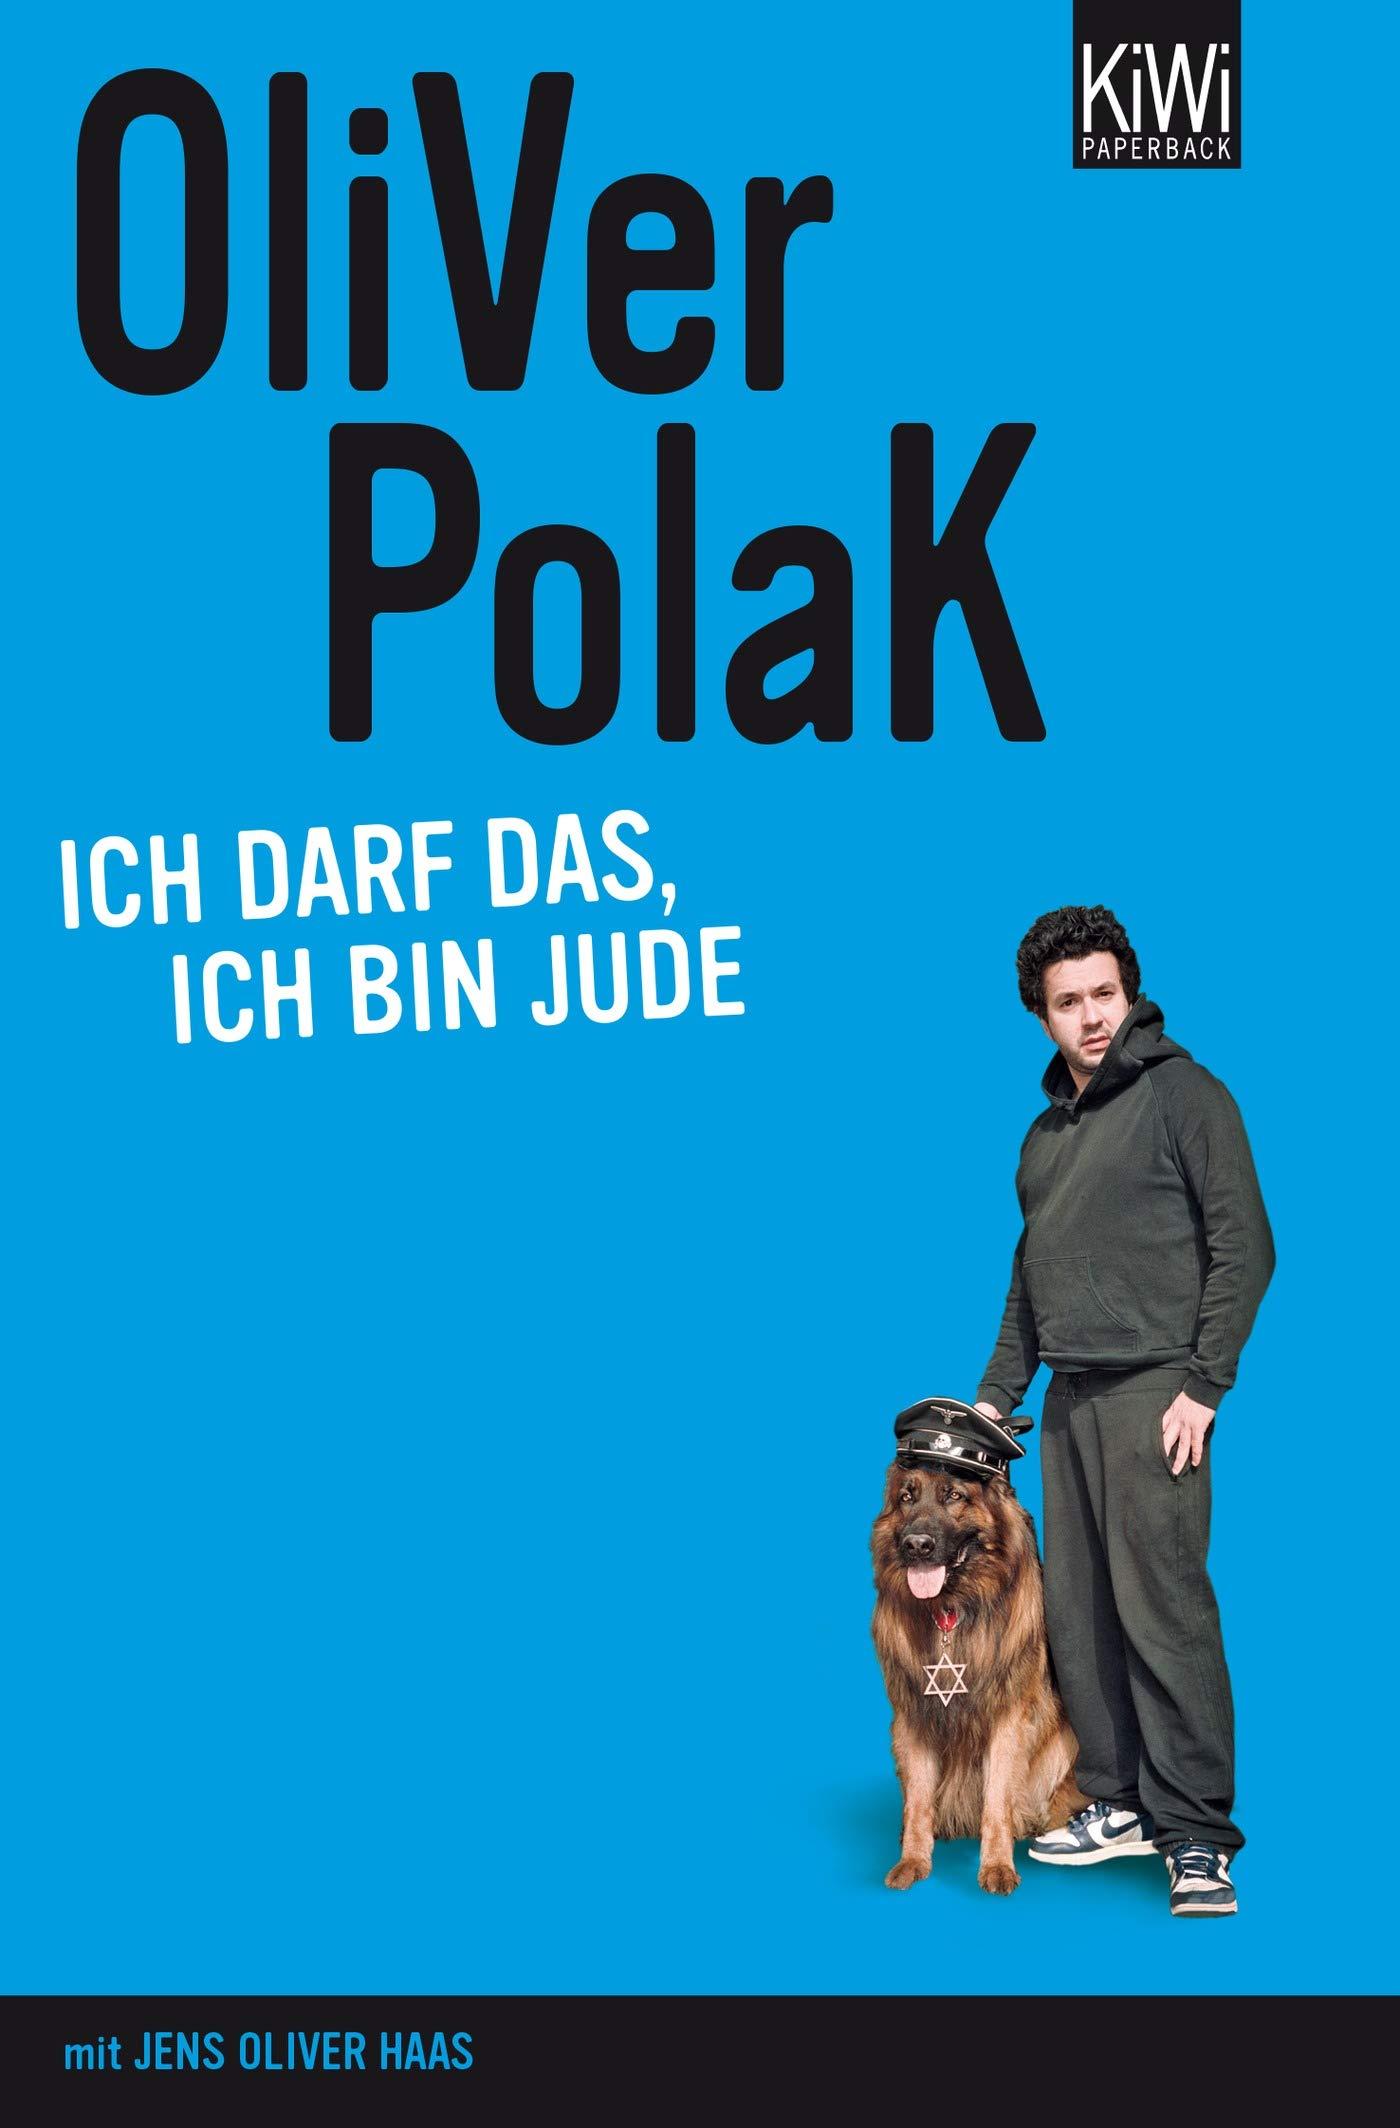 Ich darf das, ich bin Jude Taschenbuch – 16. September 2008 Oliver Polak KiWi-Taschenbuch 3462040502 1970 bis 1979 n. Chr.